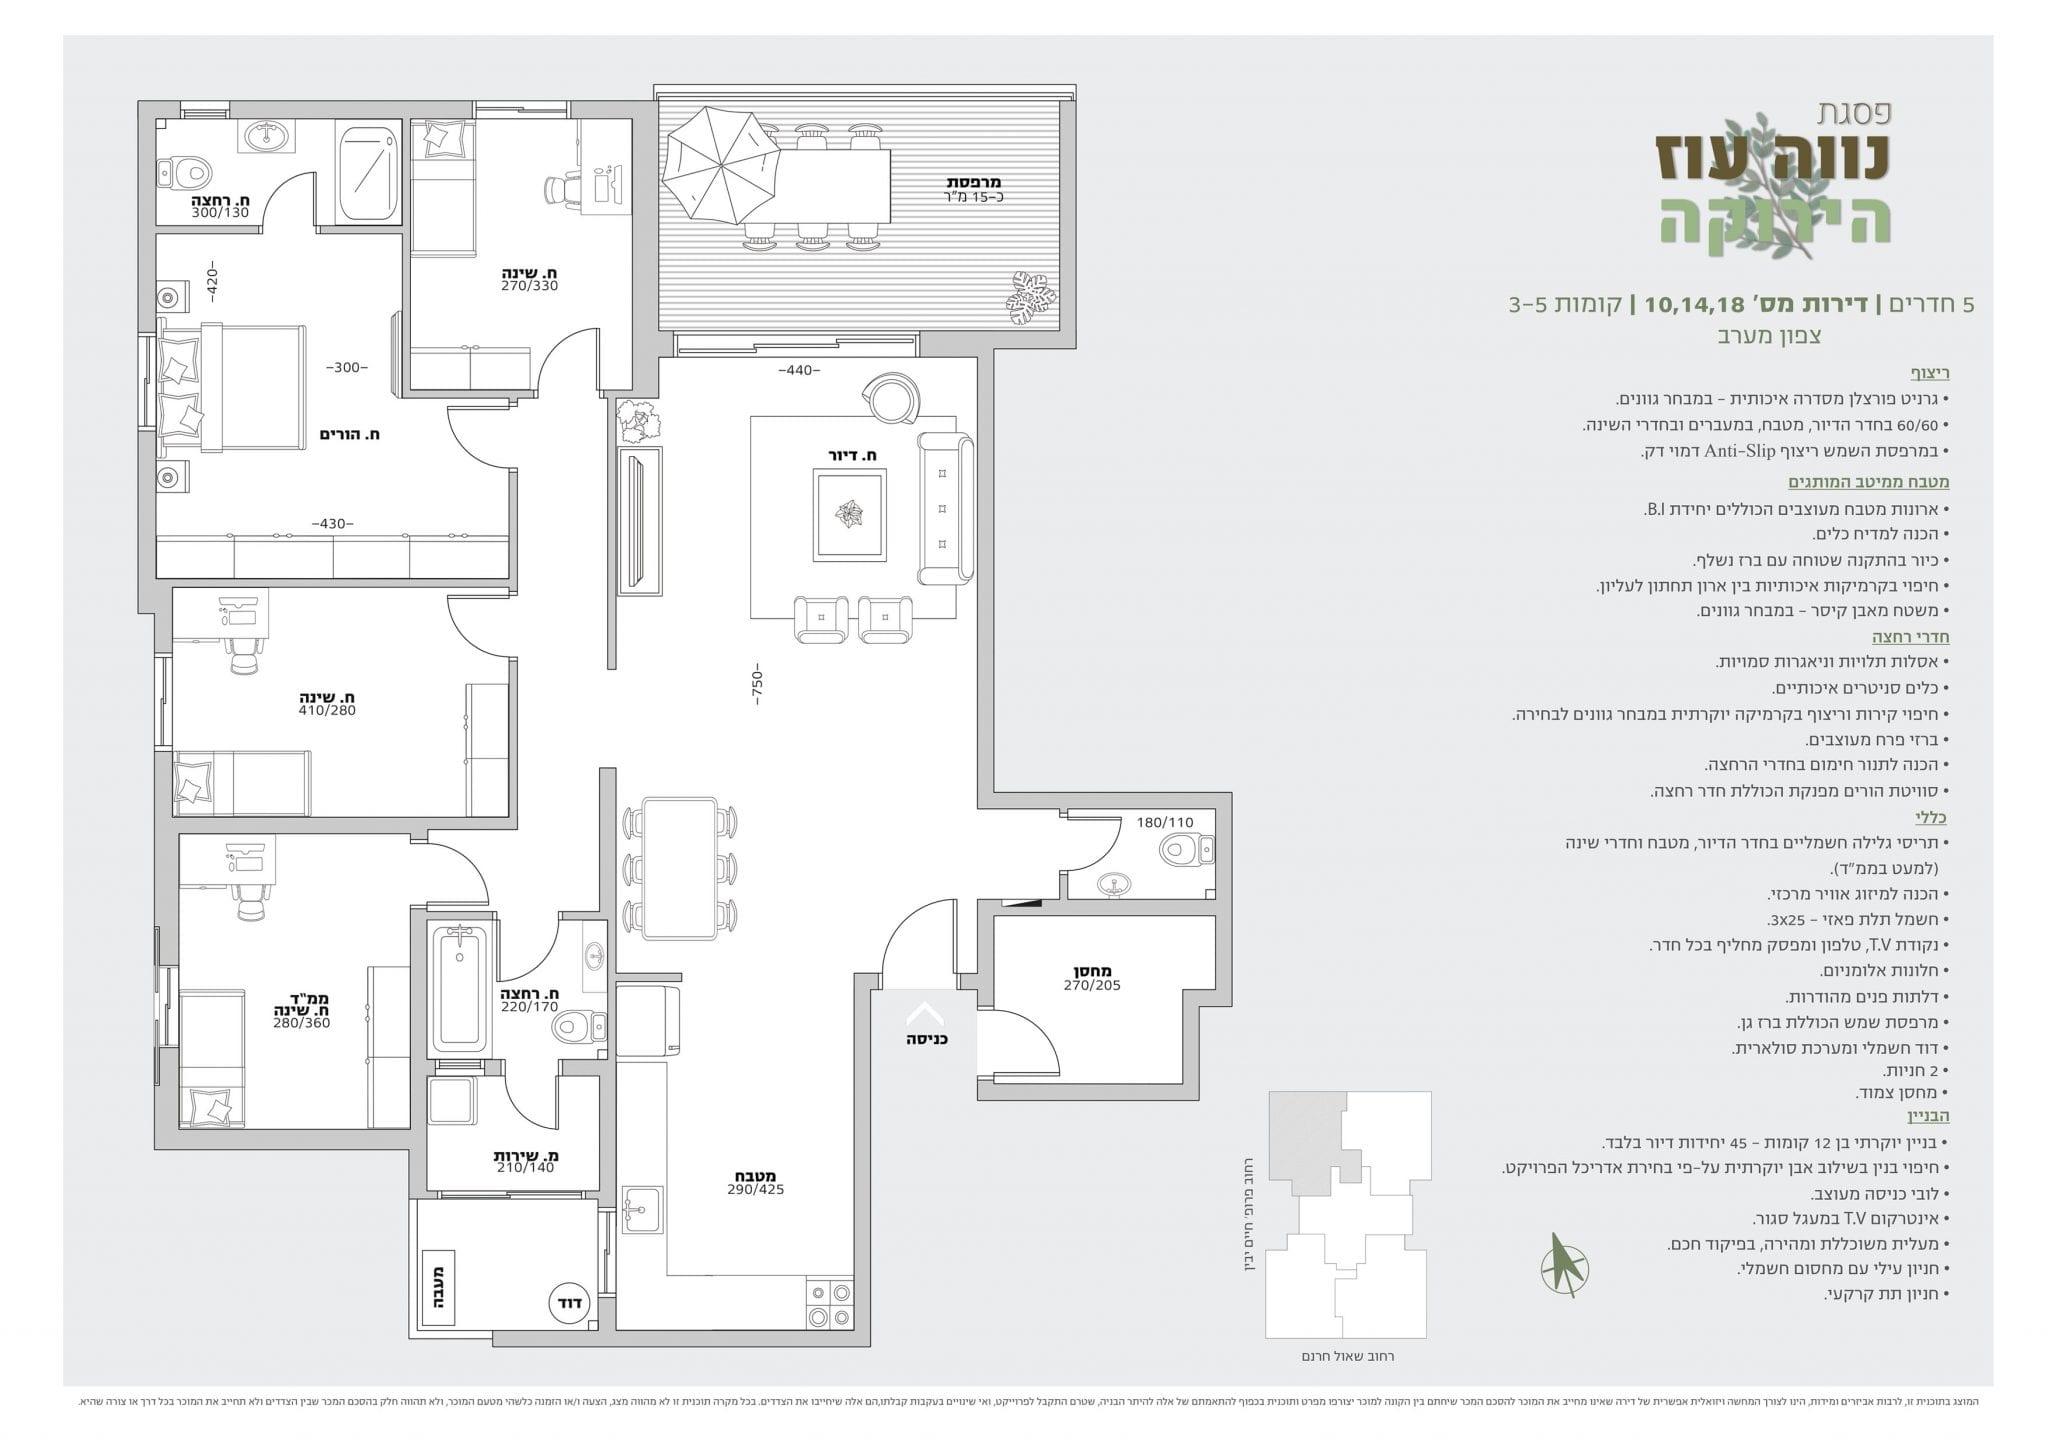 דירת 5 חדרים מספר 10,14,18